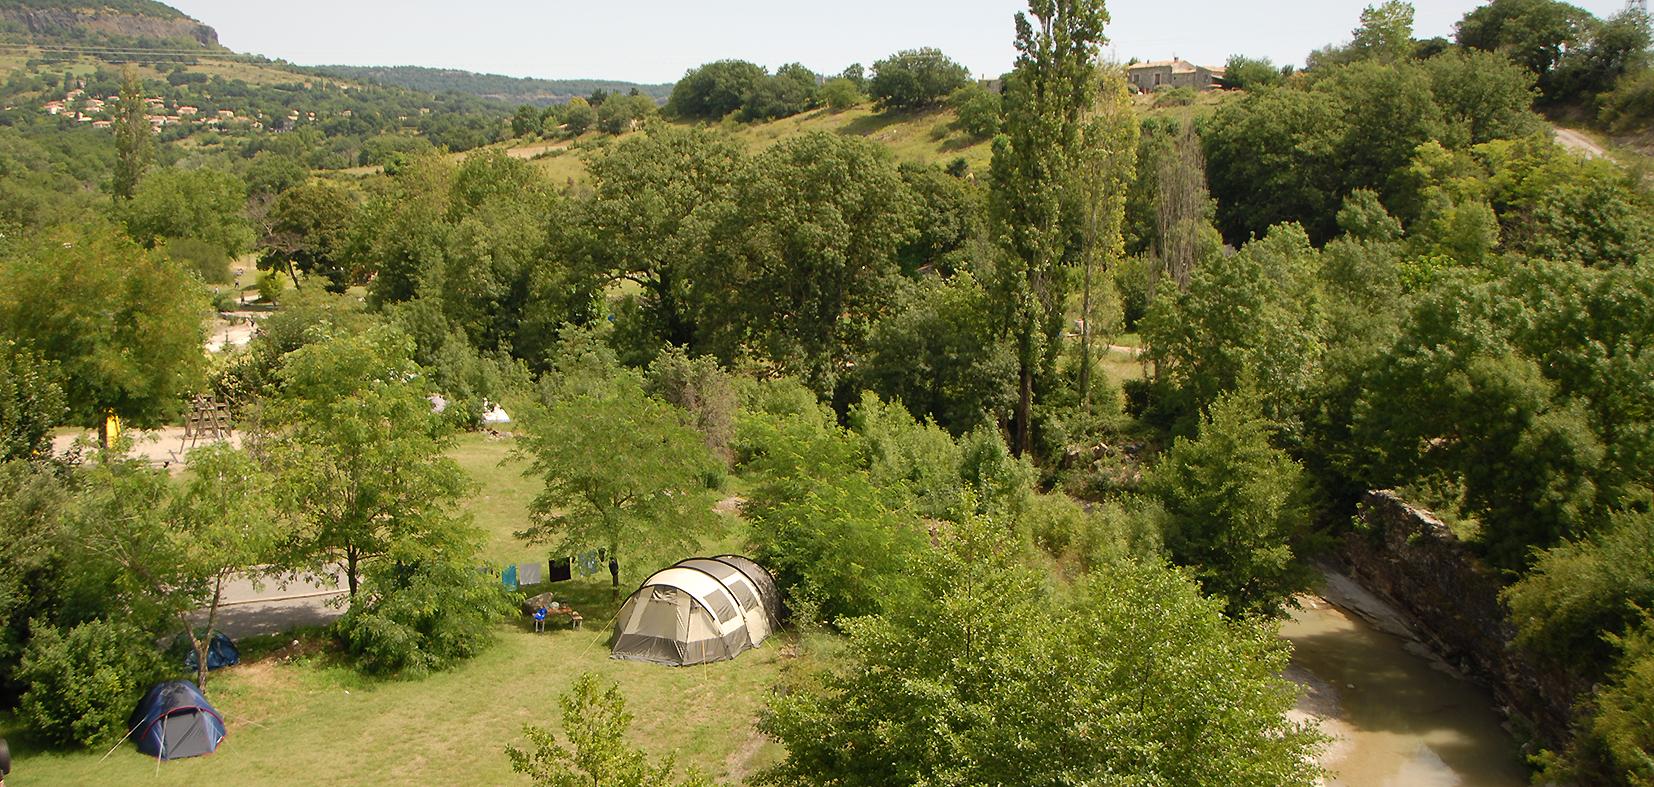 Goedkoop-vakantie-Ardeche-Frankrijk